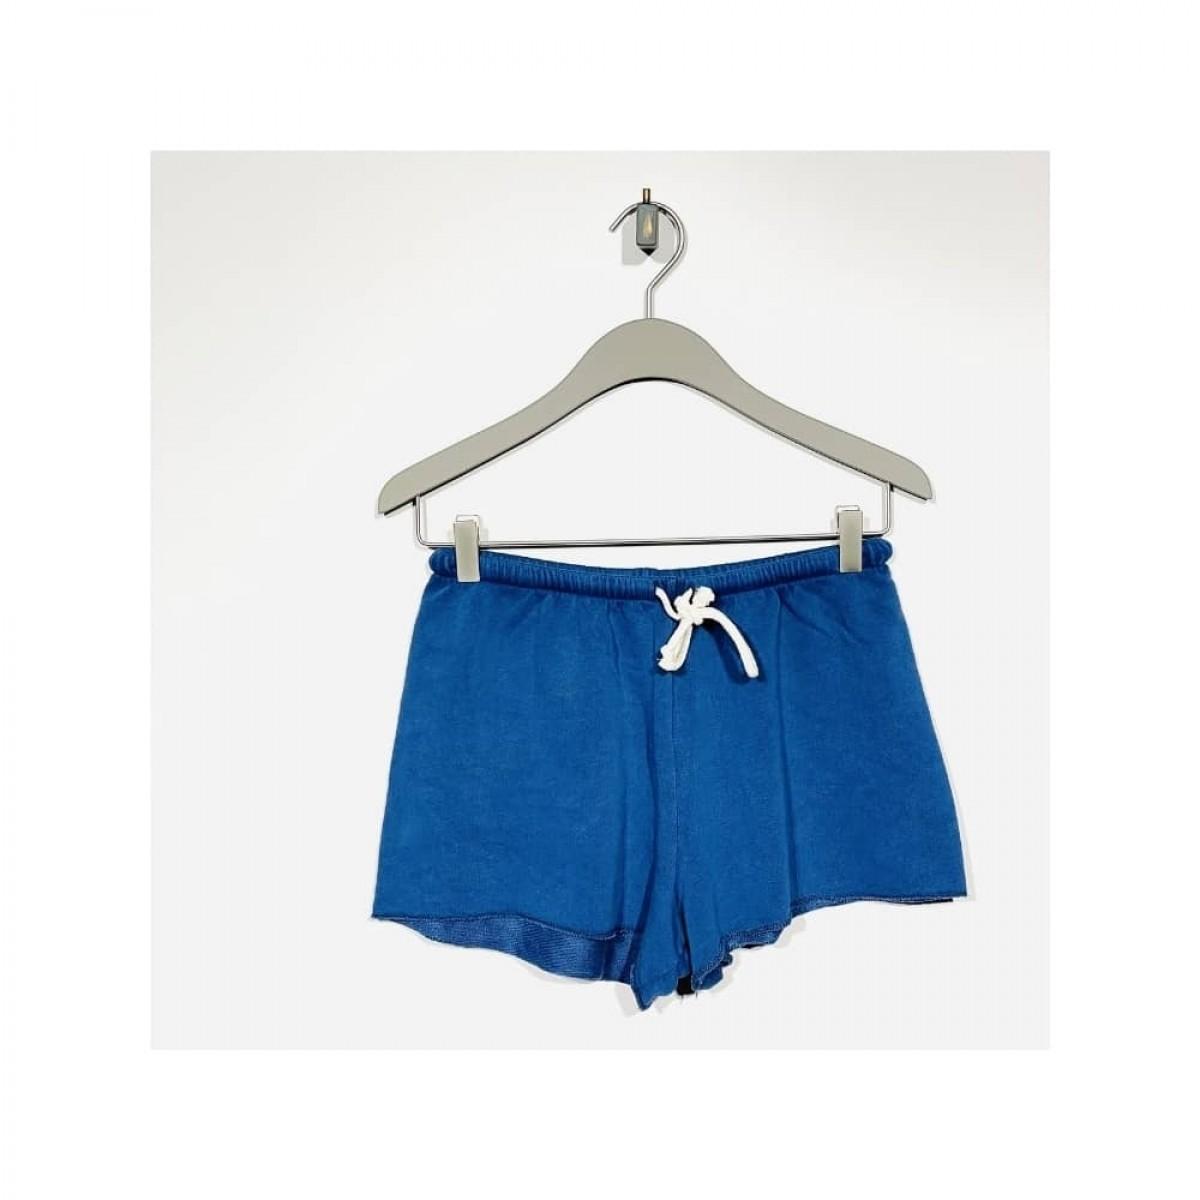 hapylife shorts - vintage blue